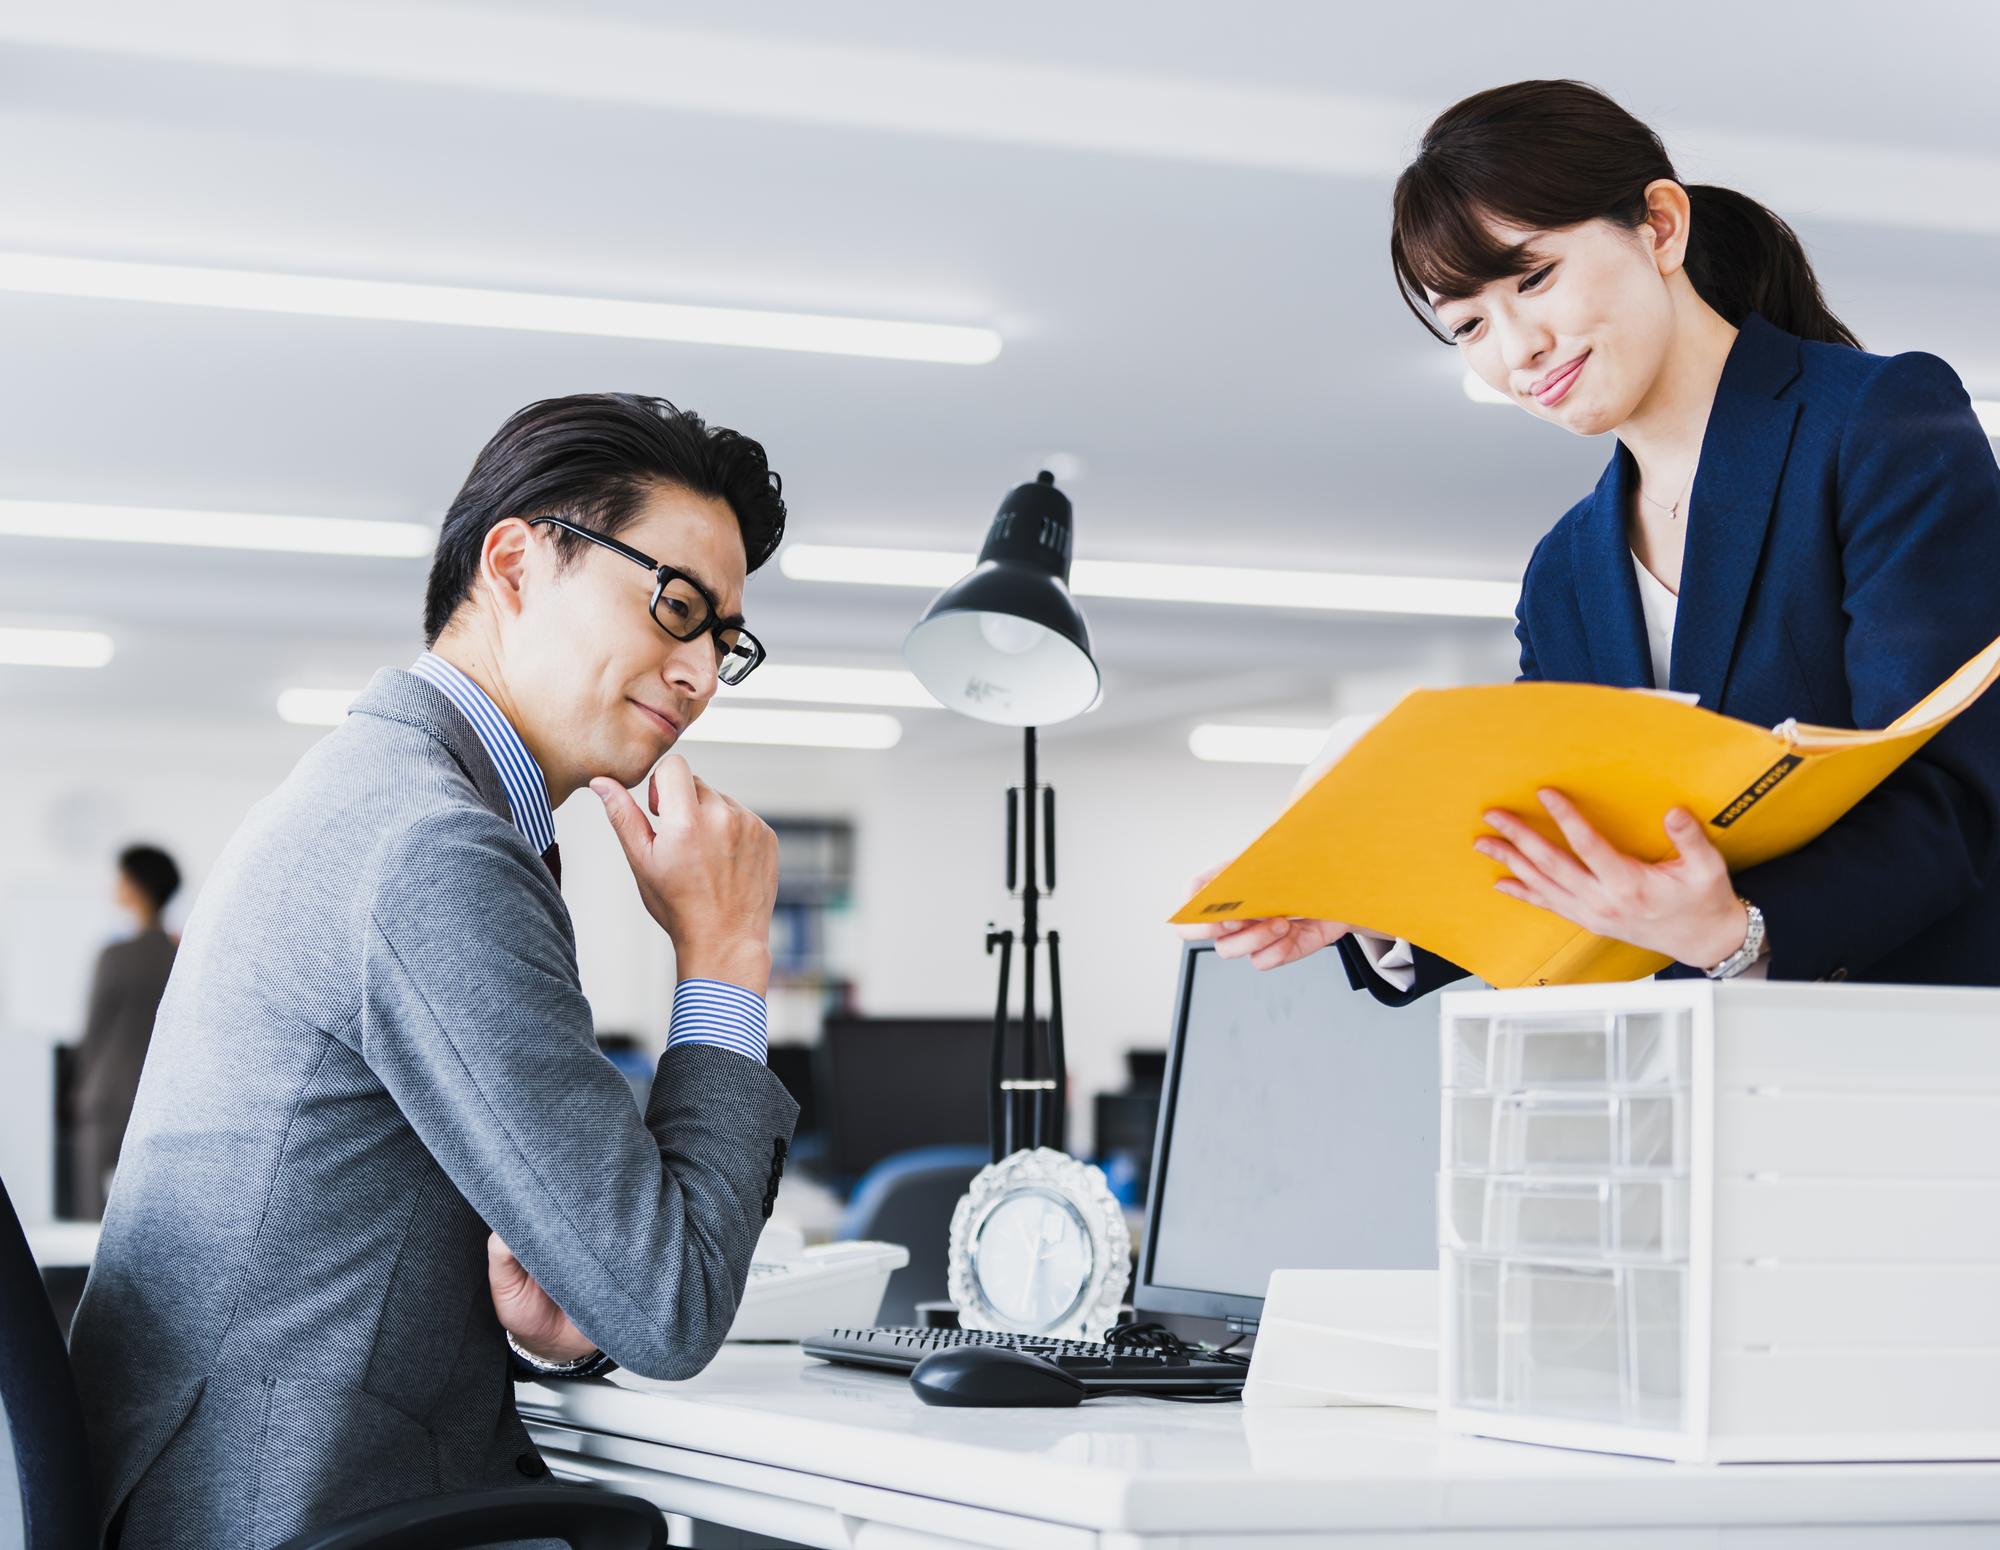 上司に報告する女性